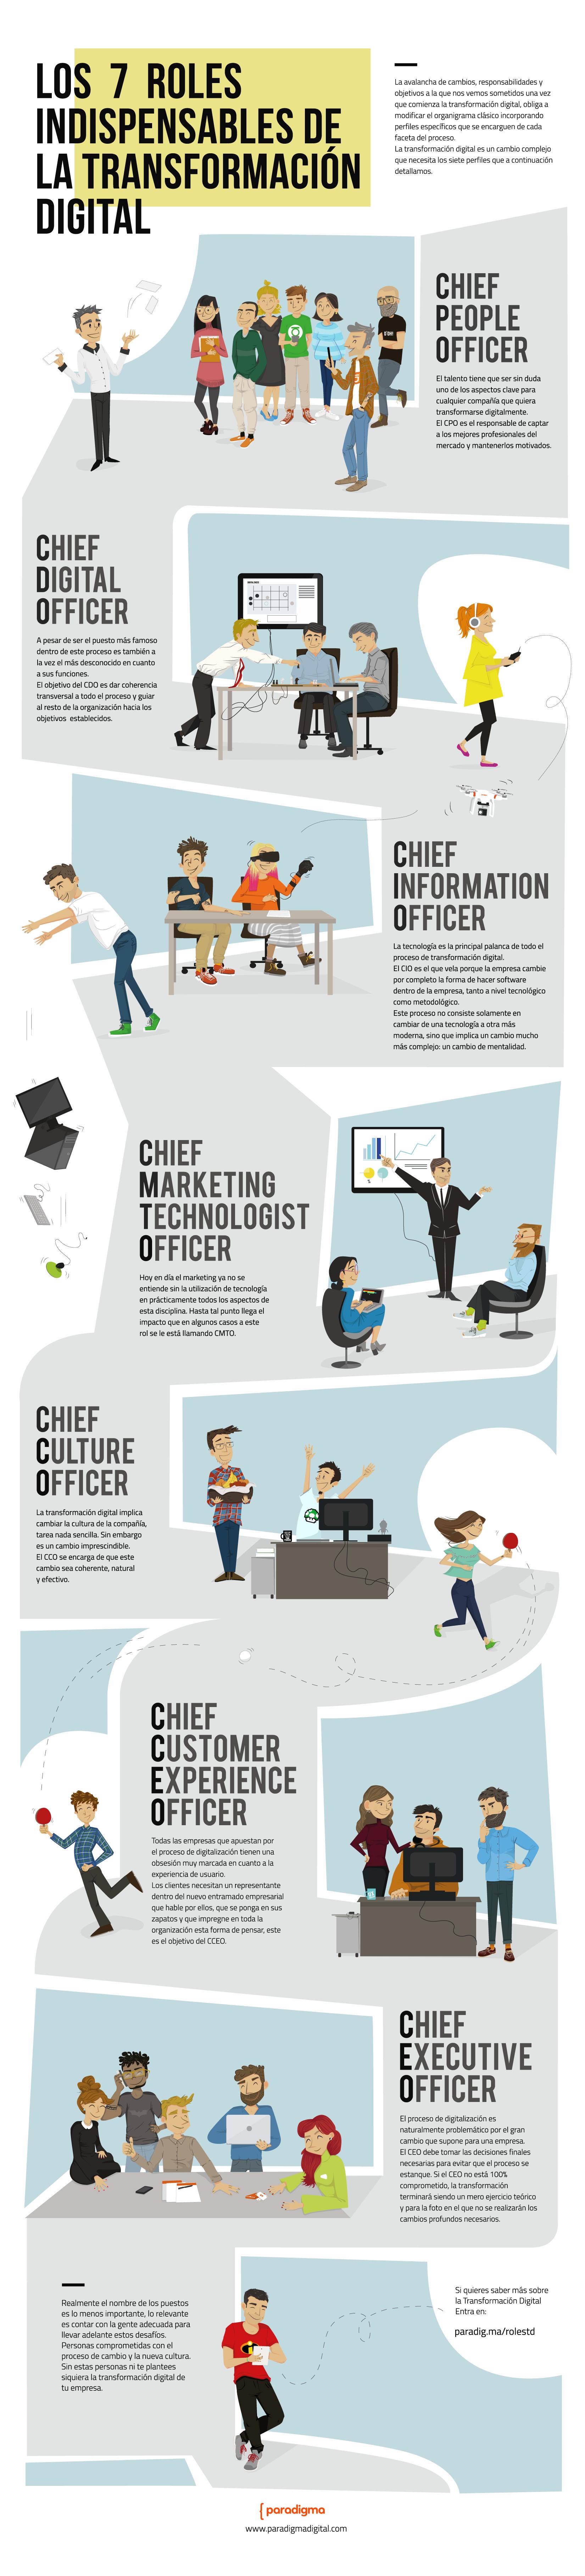 infografia-de-roles-perfinles-en-la-transformacion-digital